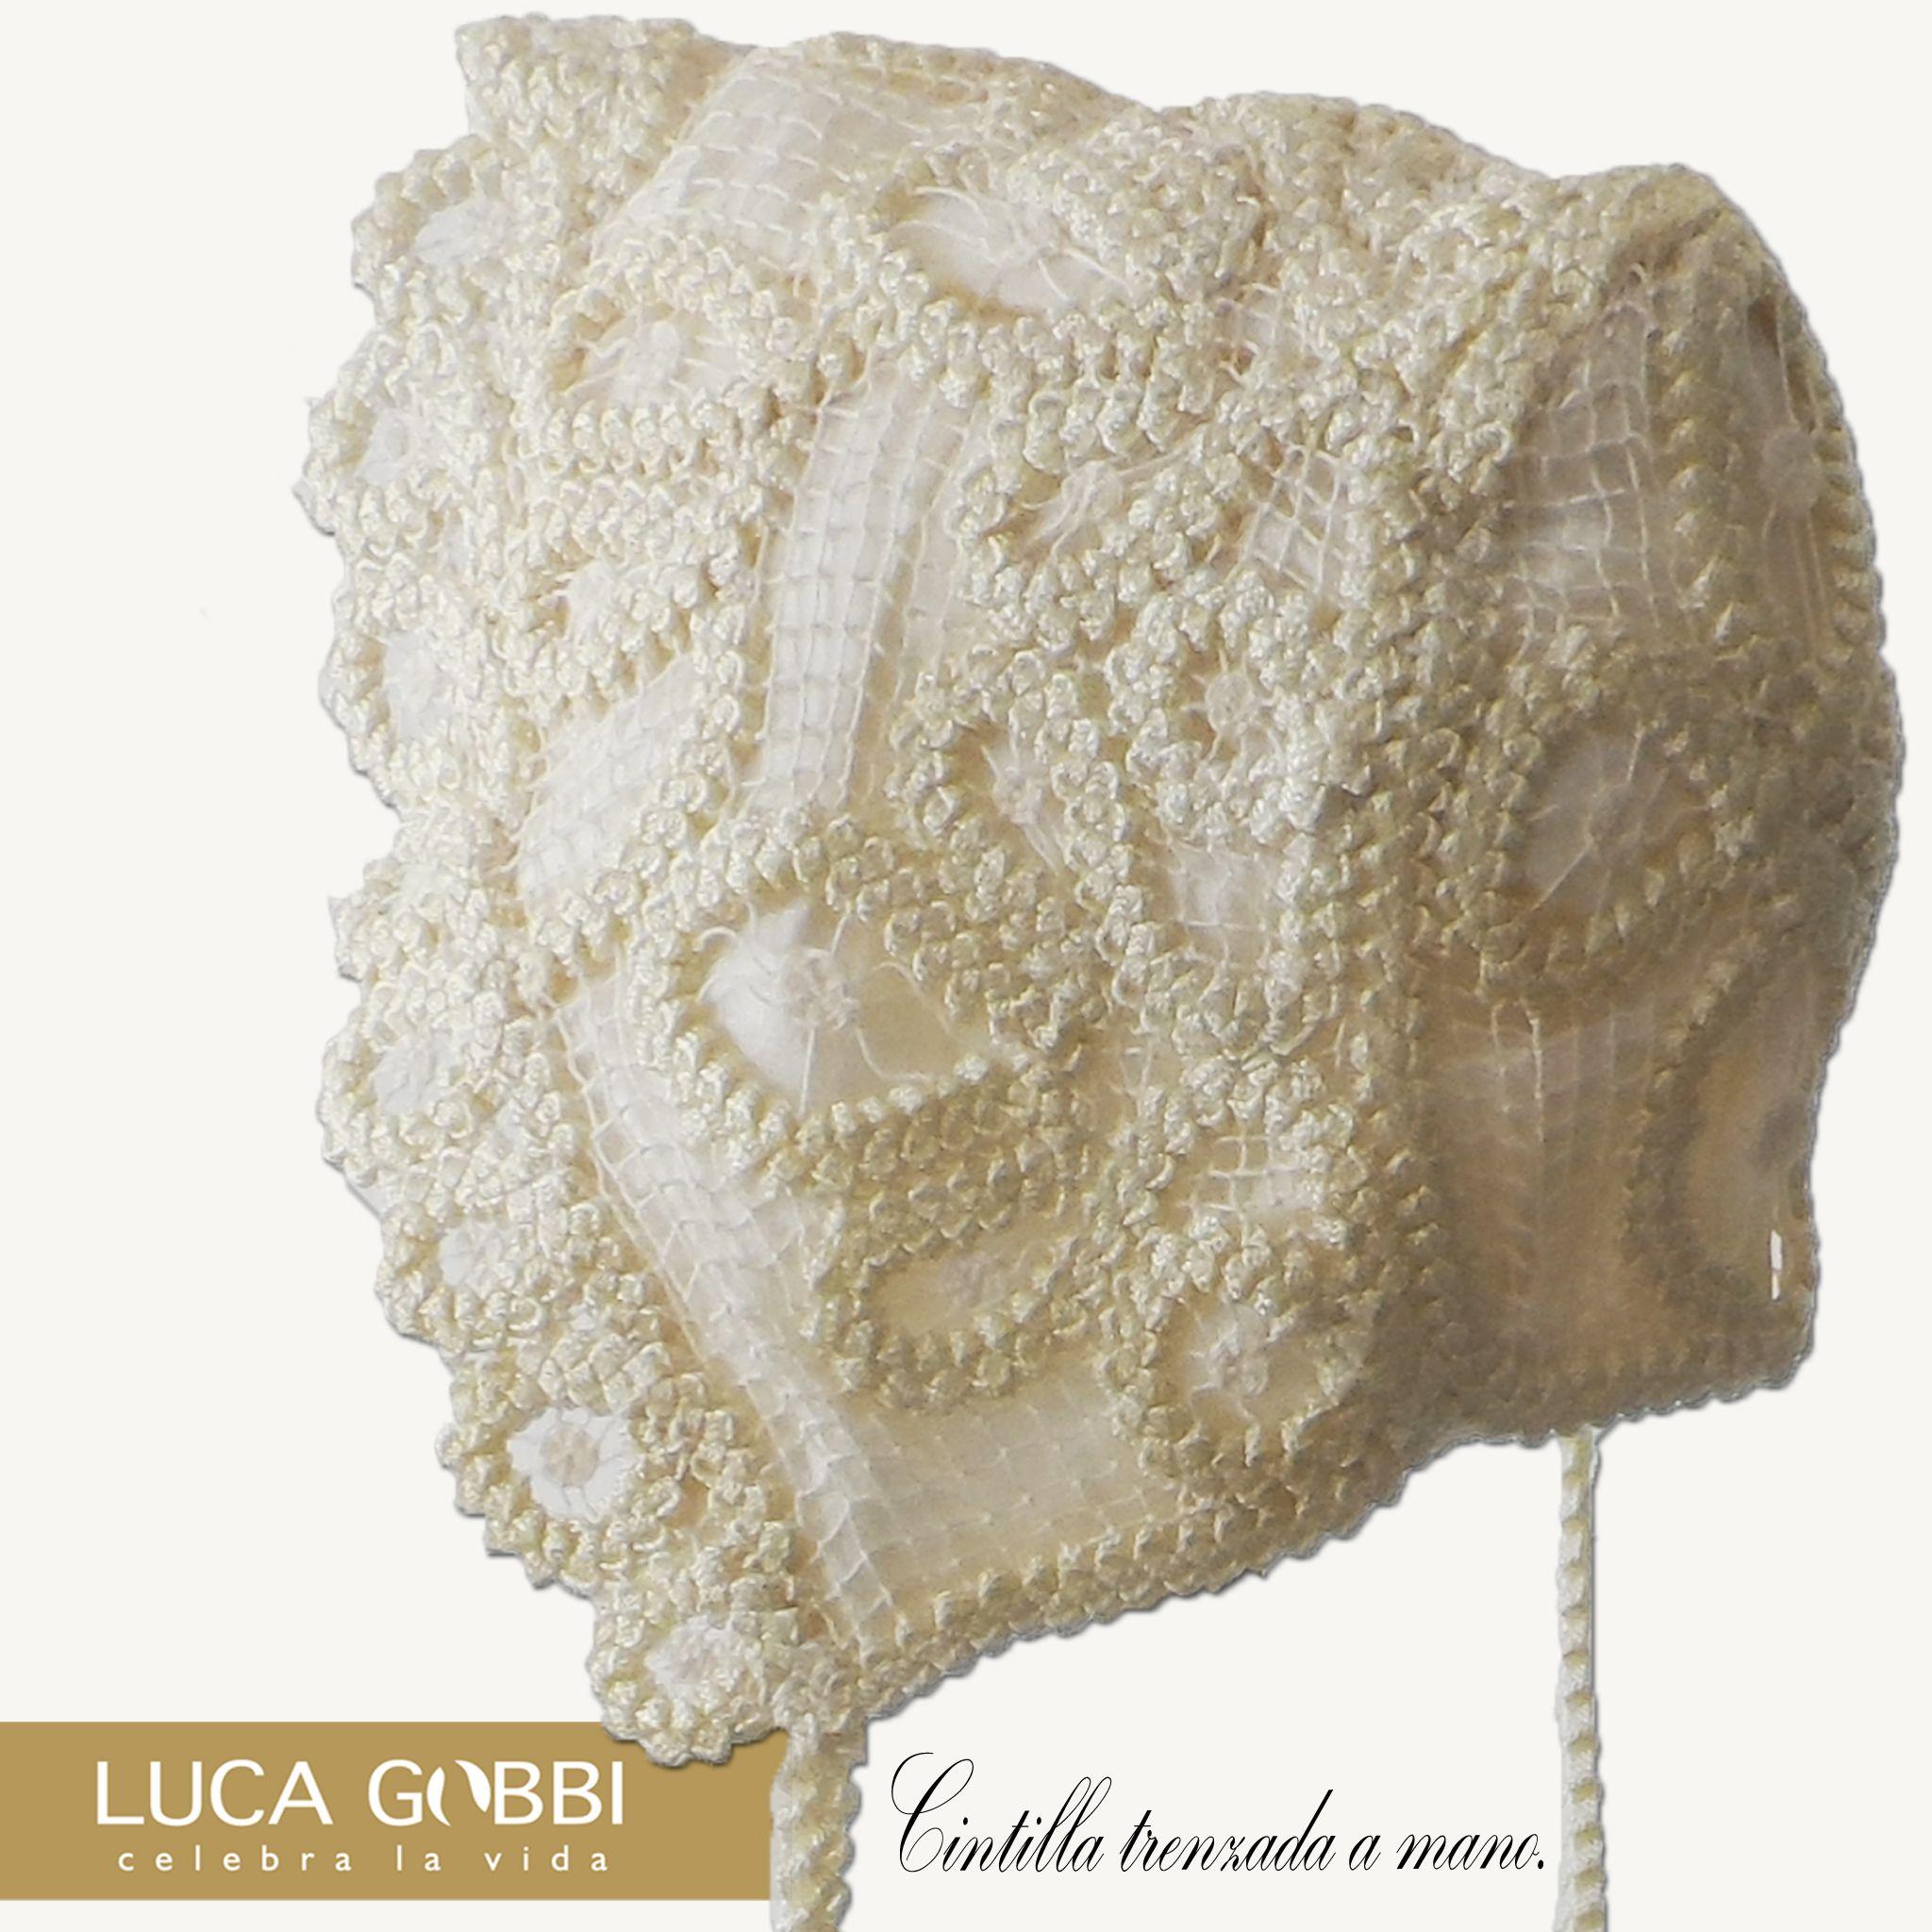 Hermoso gorrito de cintila trenzada a mano para  ropones de bautizo. Visita nuestra tienda en Línea→ www.lucagobbi.com #Accesorios #Bautizo